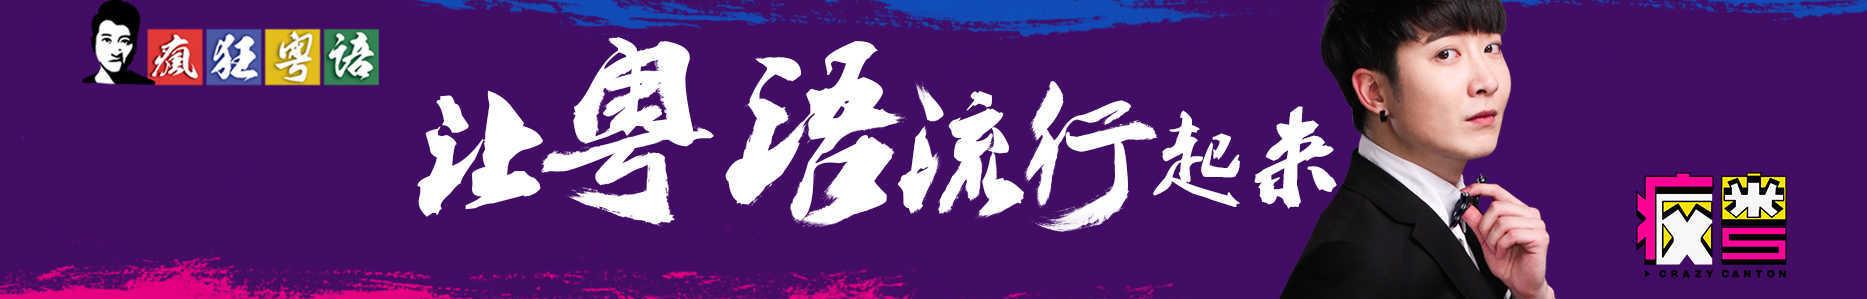 疯粤crazycanton banner